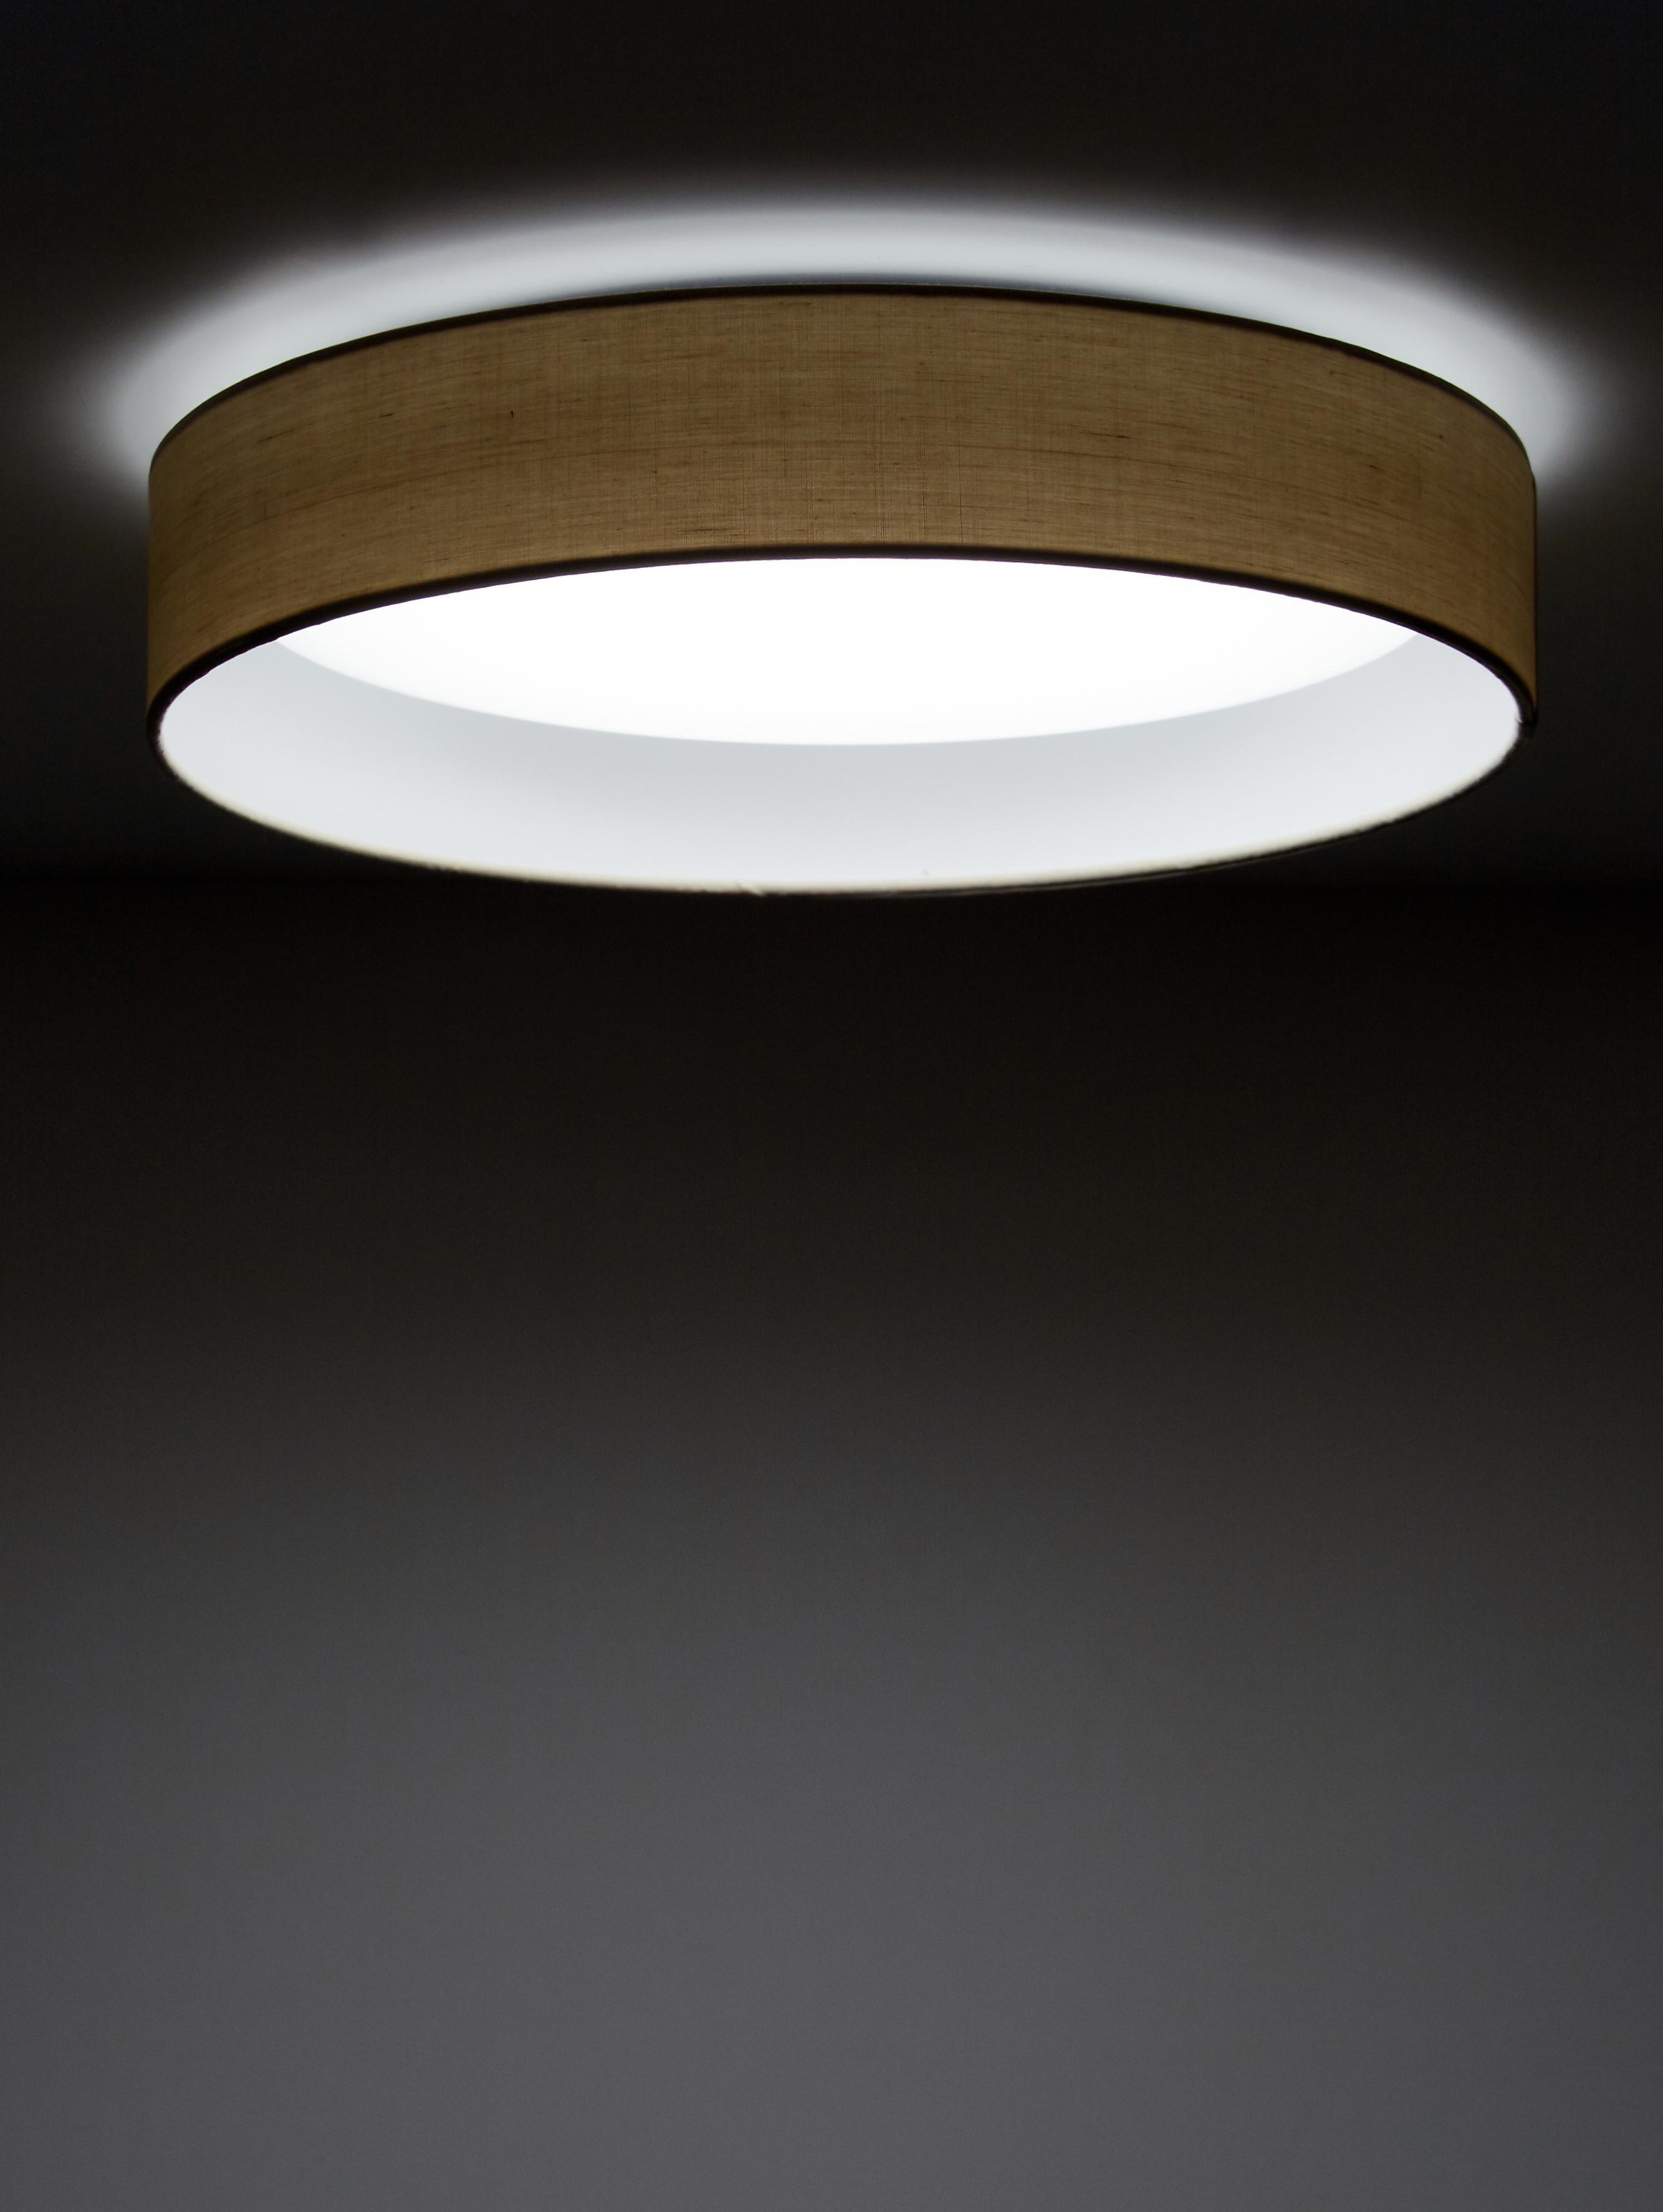 LED-Deckenleuchte Helen, Rahmen: Metall, Diffusorscheibe: Kunststoff, Taupe, Ø 52 x H 11 cm